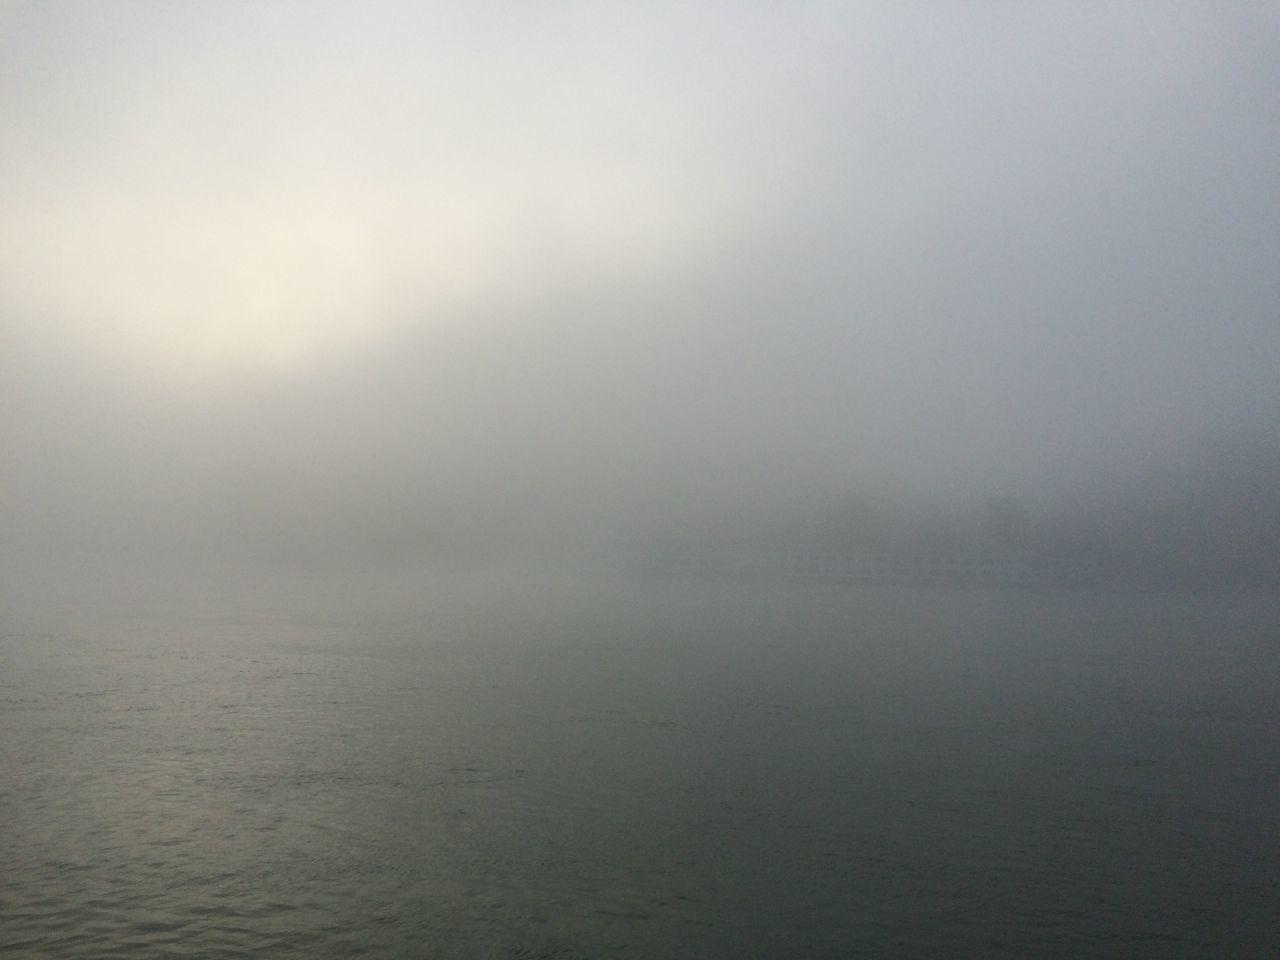 Scenic View Of Fog Over Sea